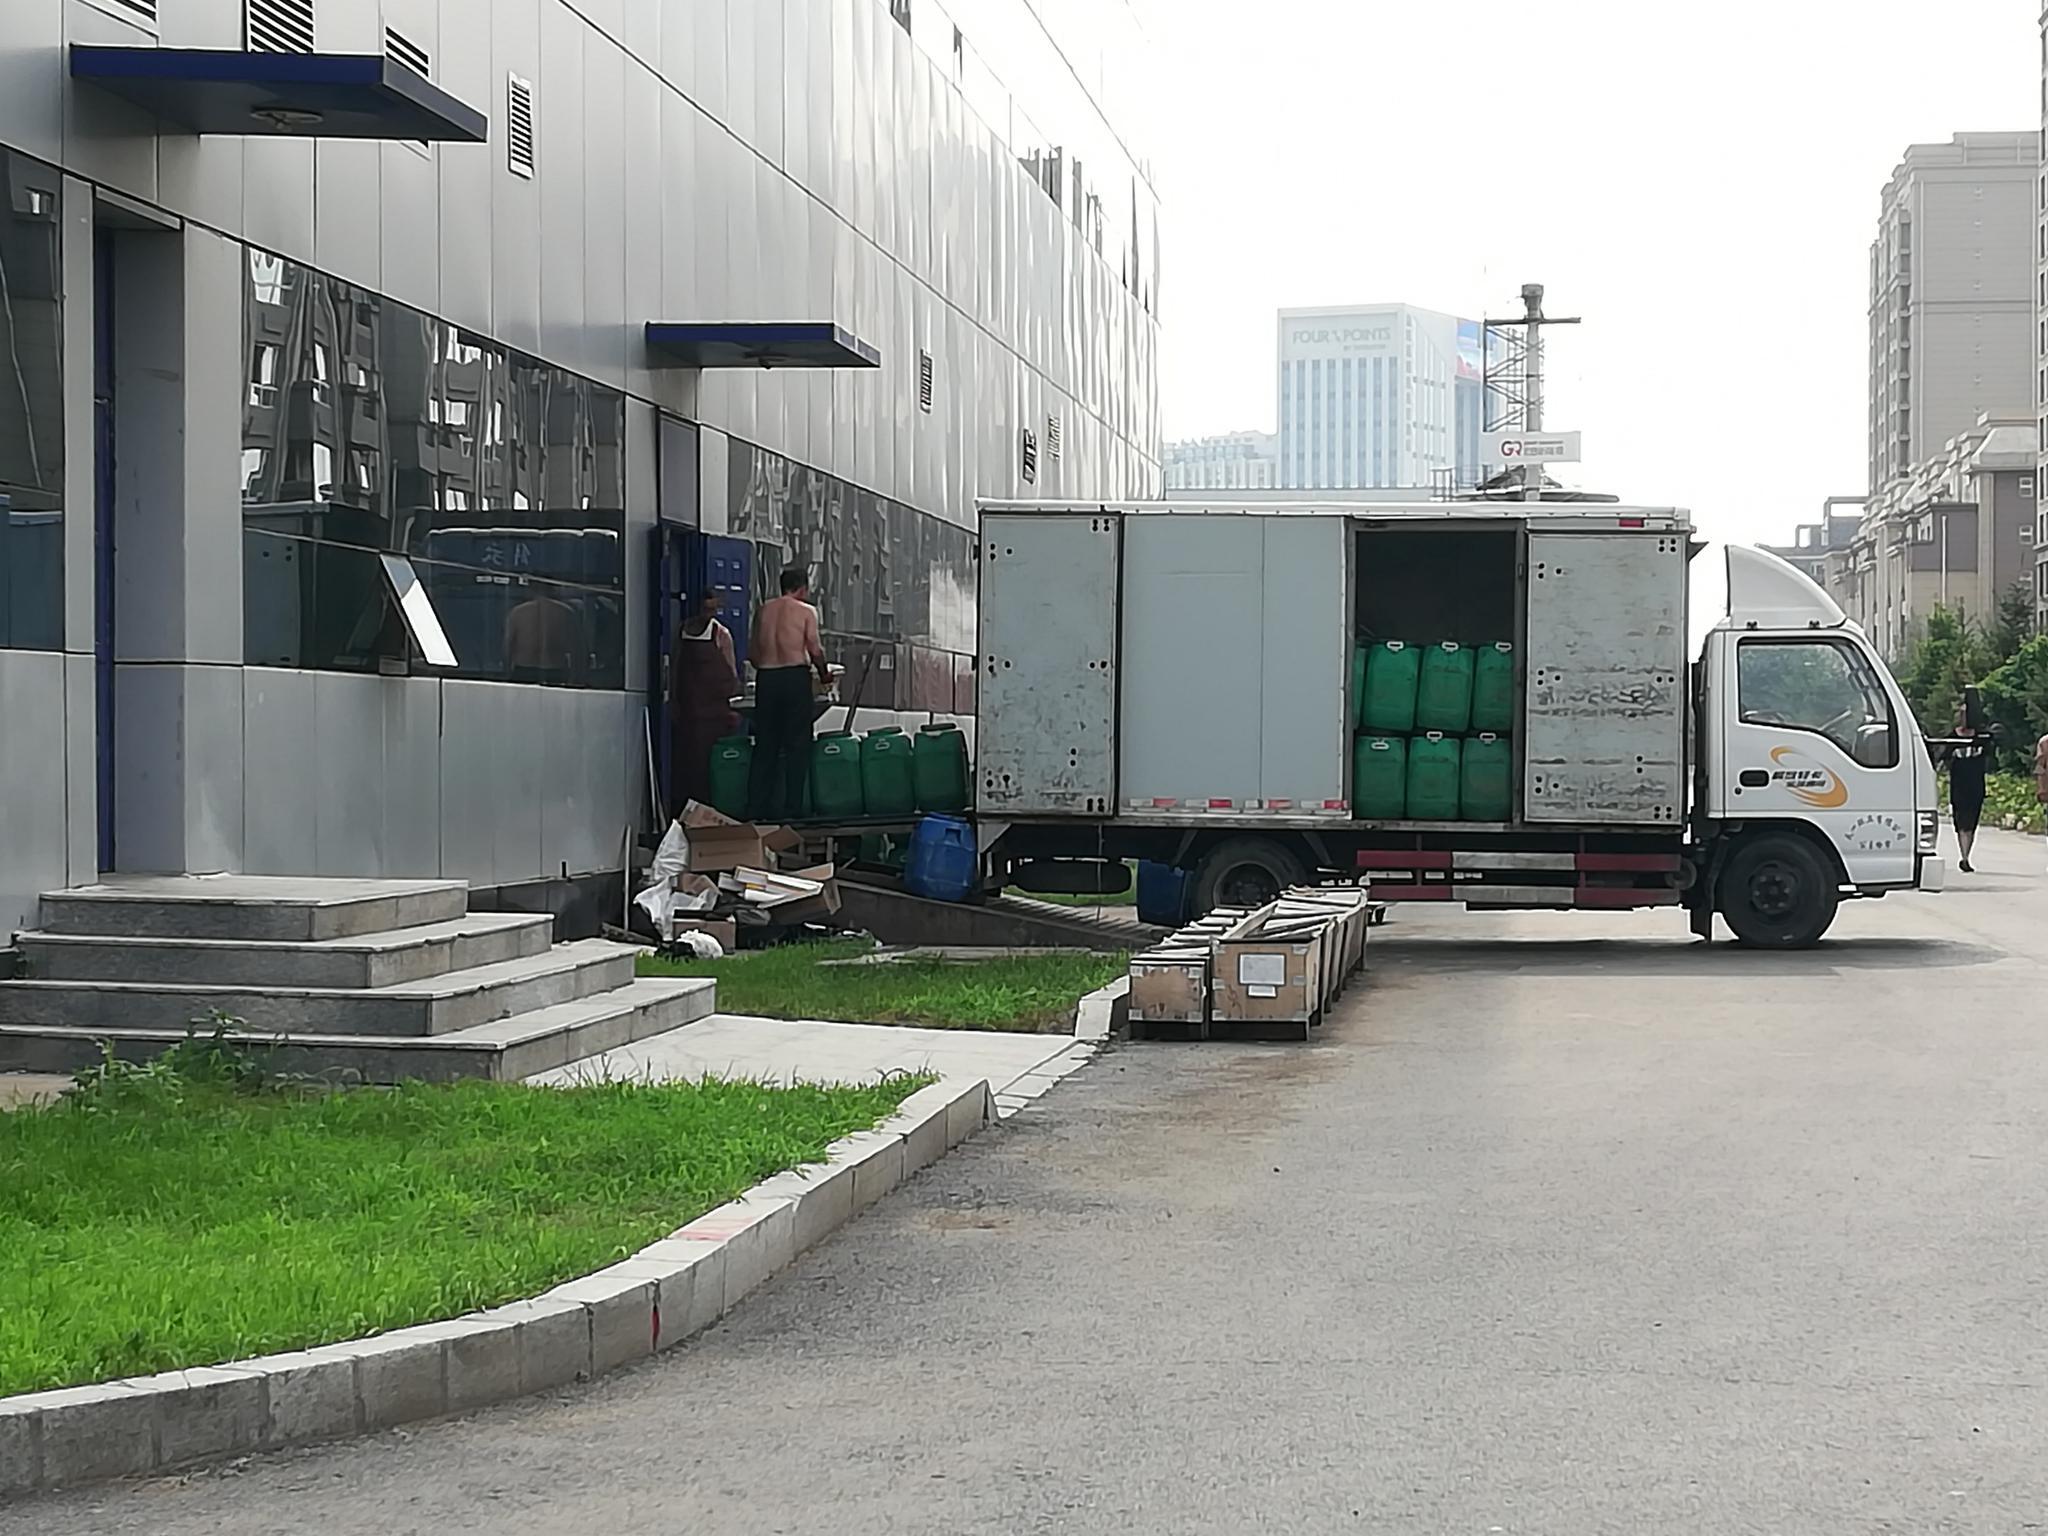 2018年7月21日,几位长生生物员工在清理厂房内的废弃物。摄影/新京报记者 李云琦